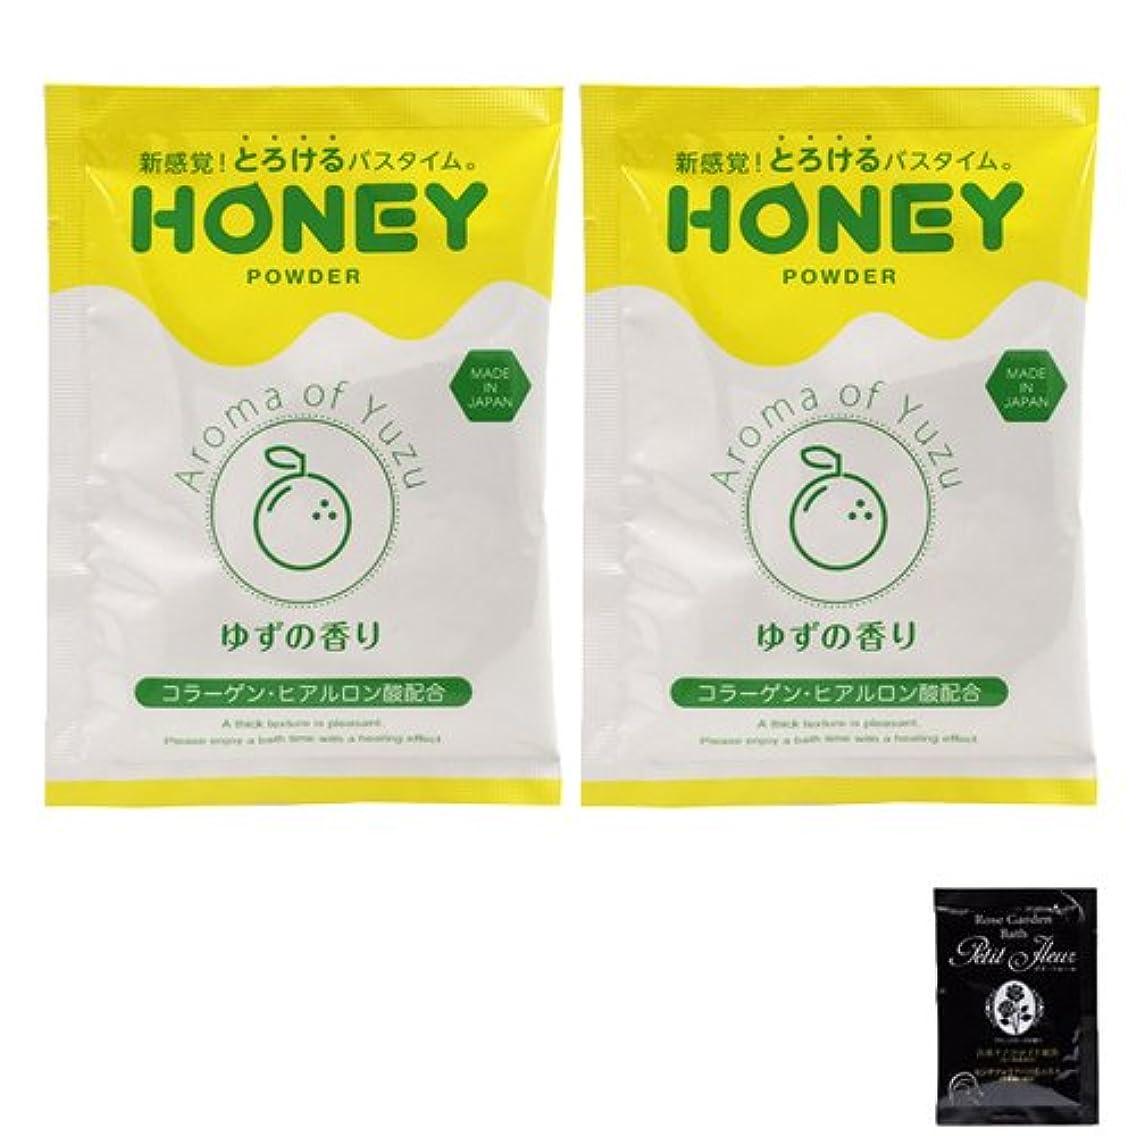 受信機年齢コンソール【honey powder】(ハニーパウダー) ゆずの香り 粉末タイプ×2個 + 入浴剤プチフルール1回分セット